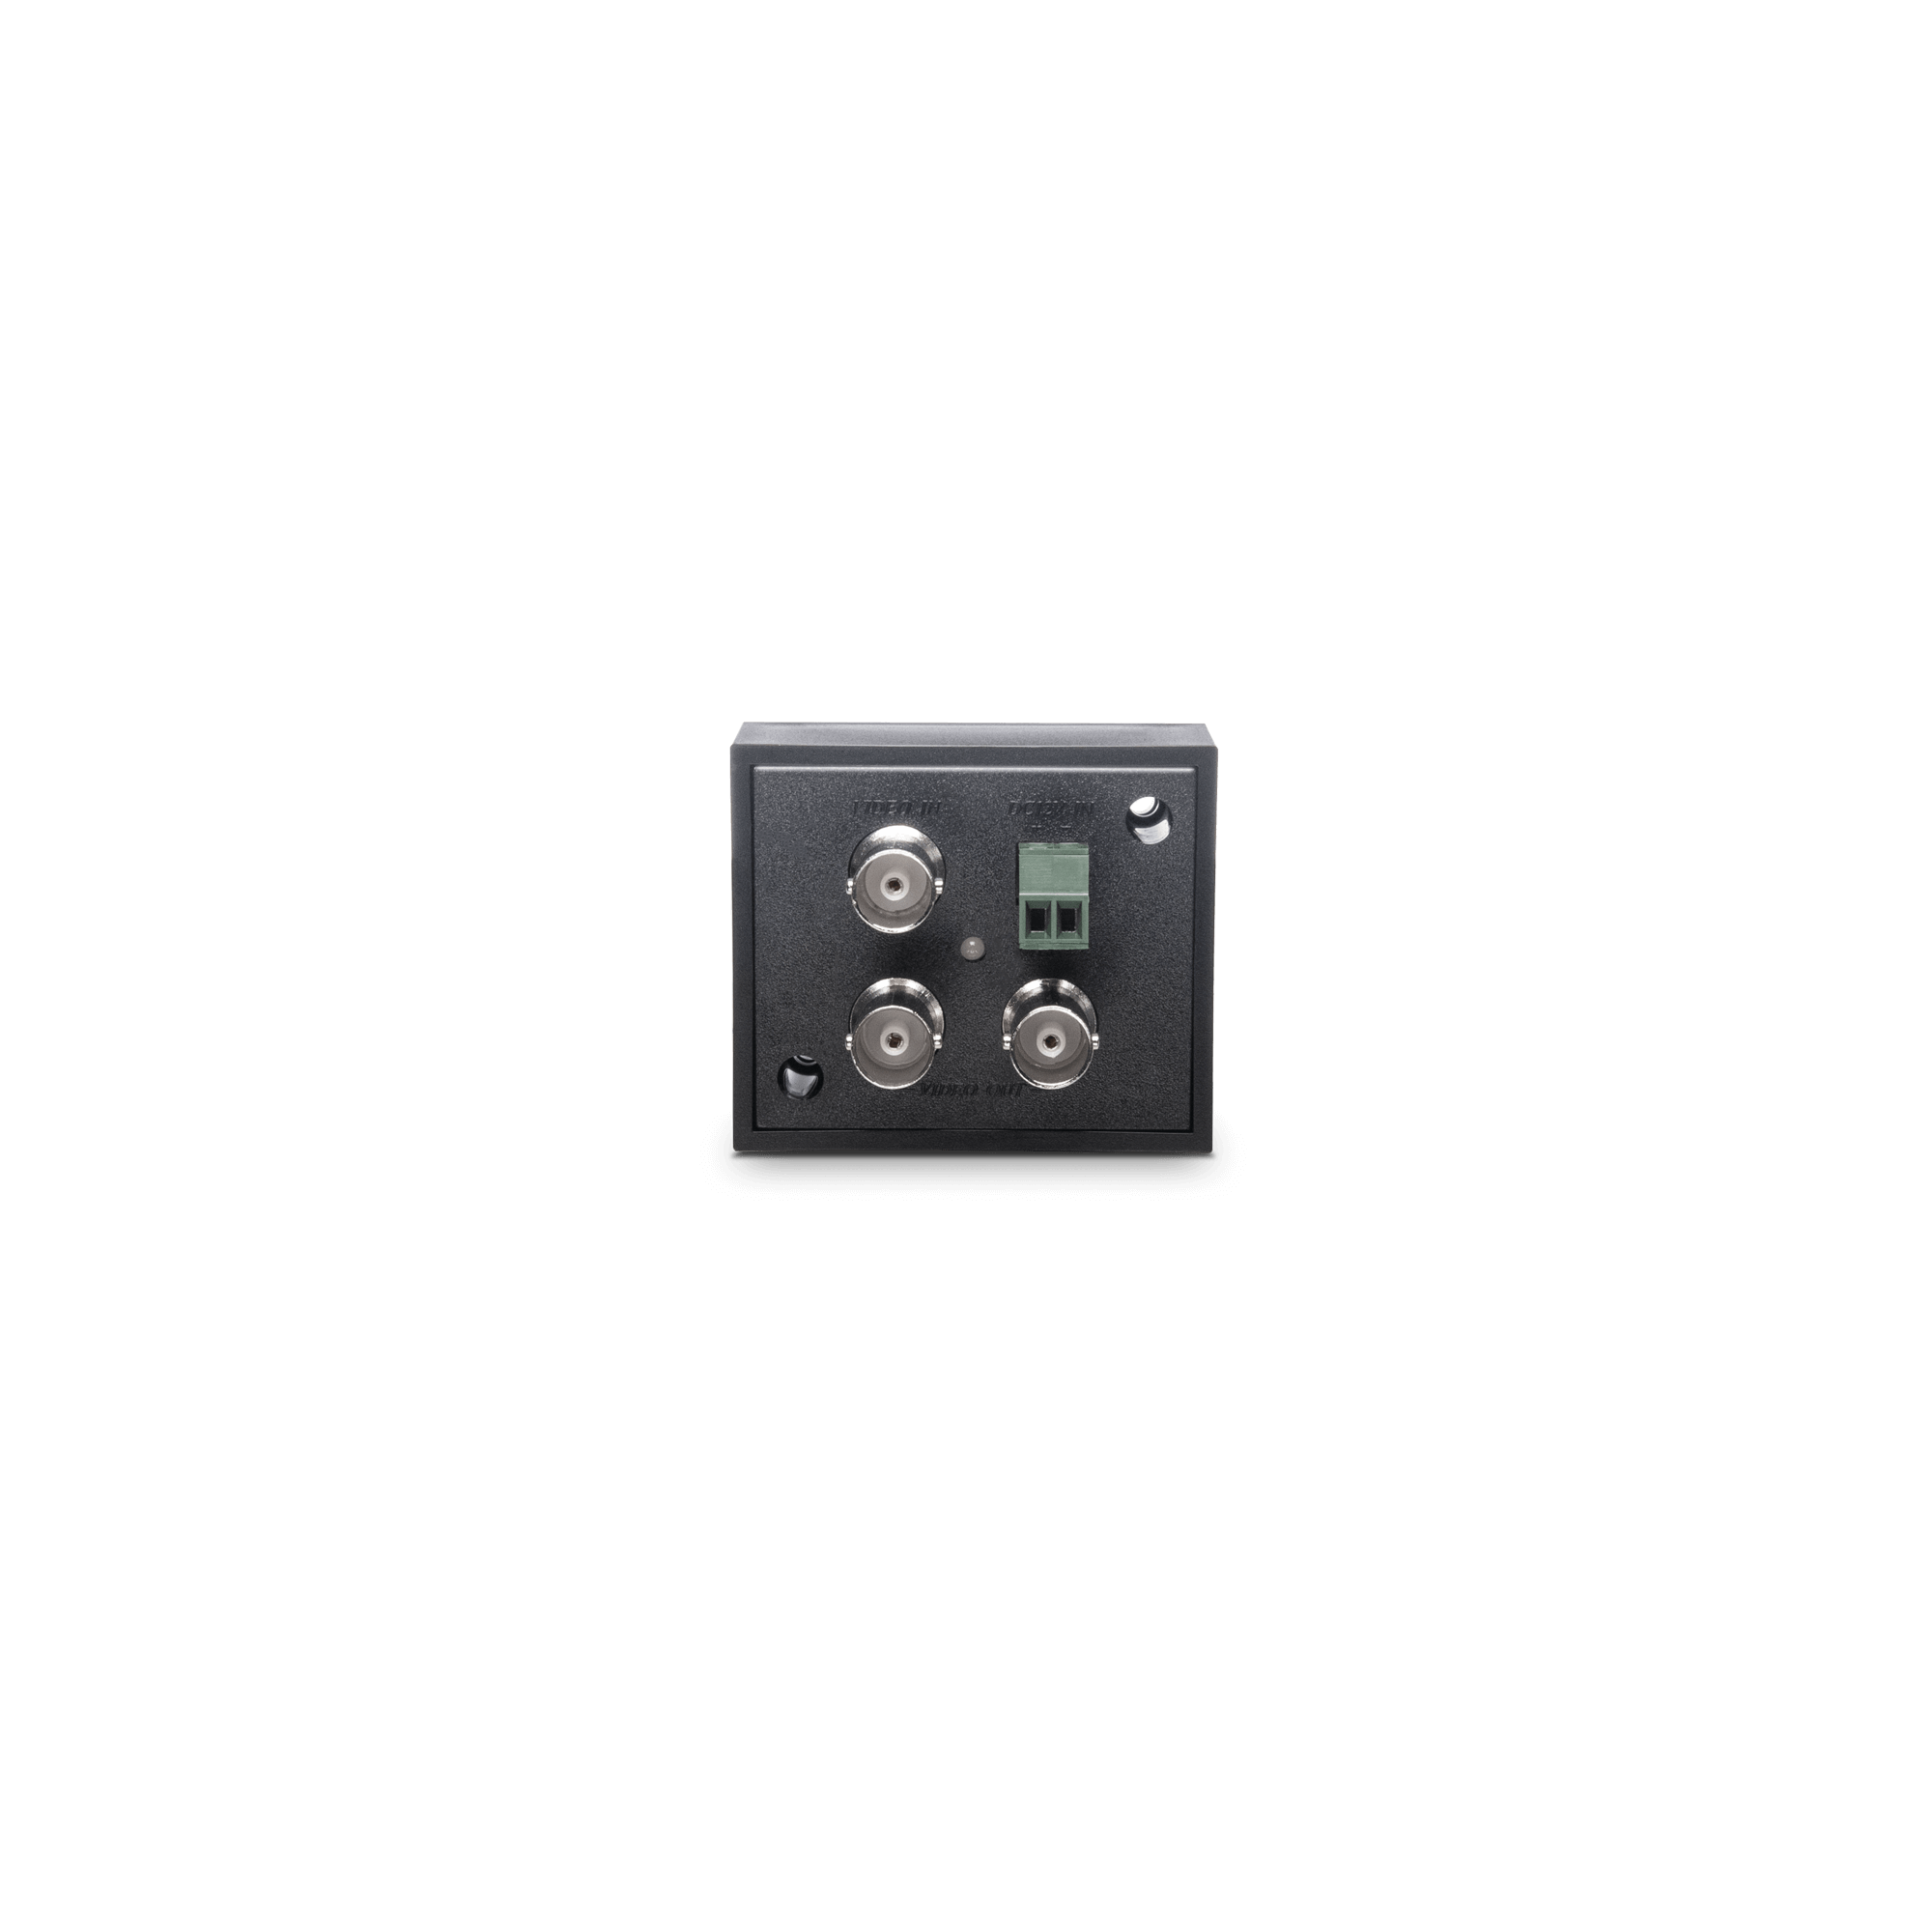 1 x 2 HD-TVI/AHD/HDCVI/CVBS Video Distributor